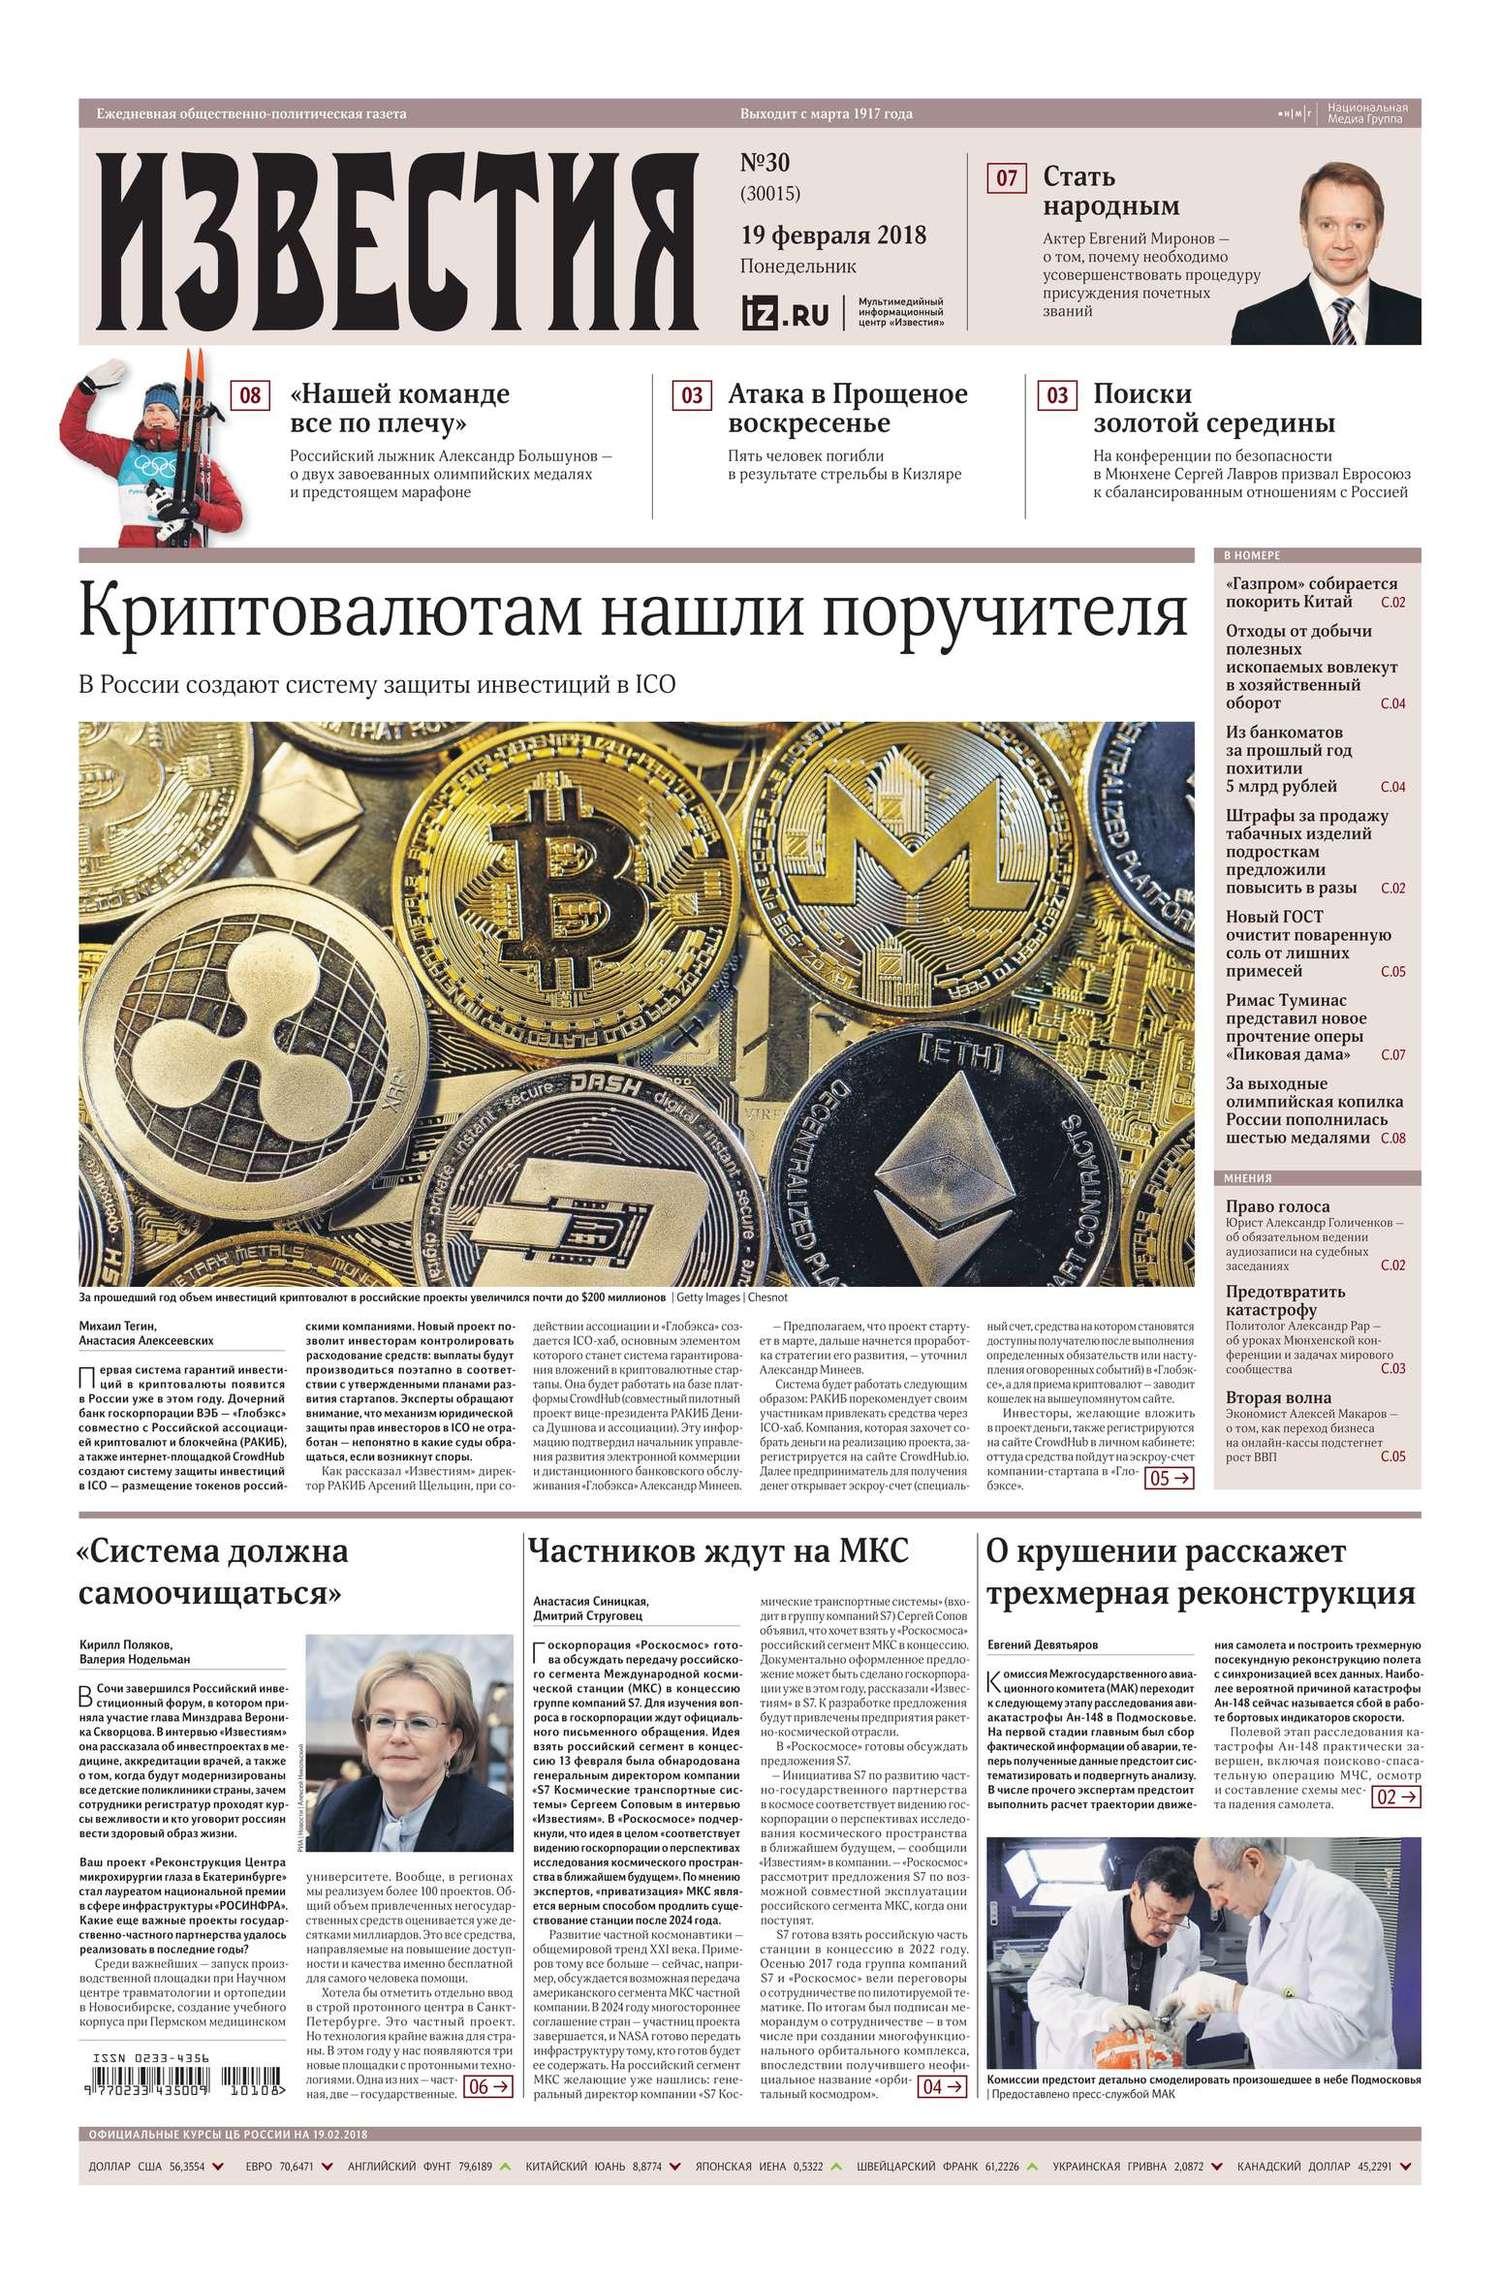 Известия 30-2018